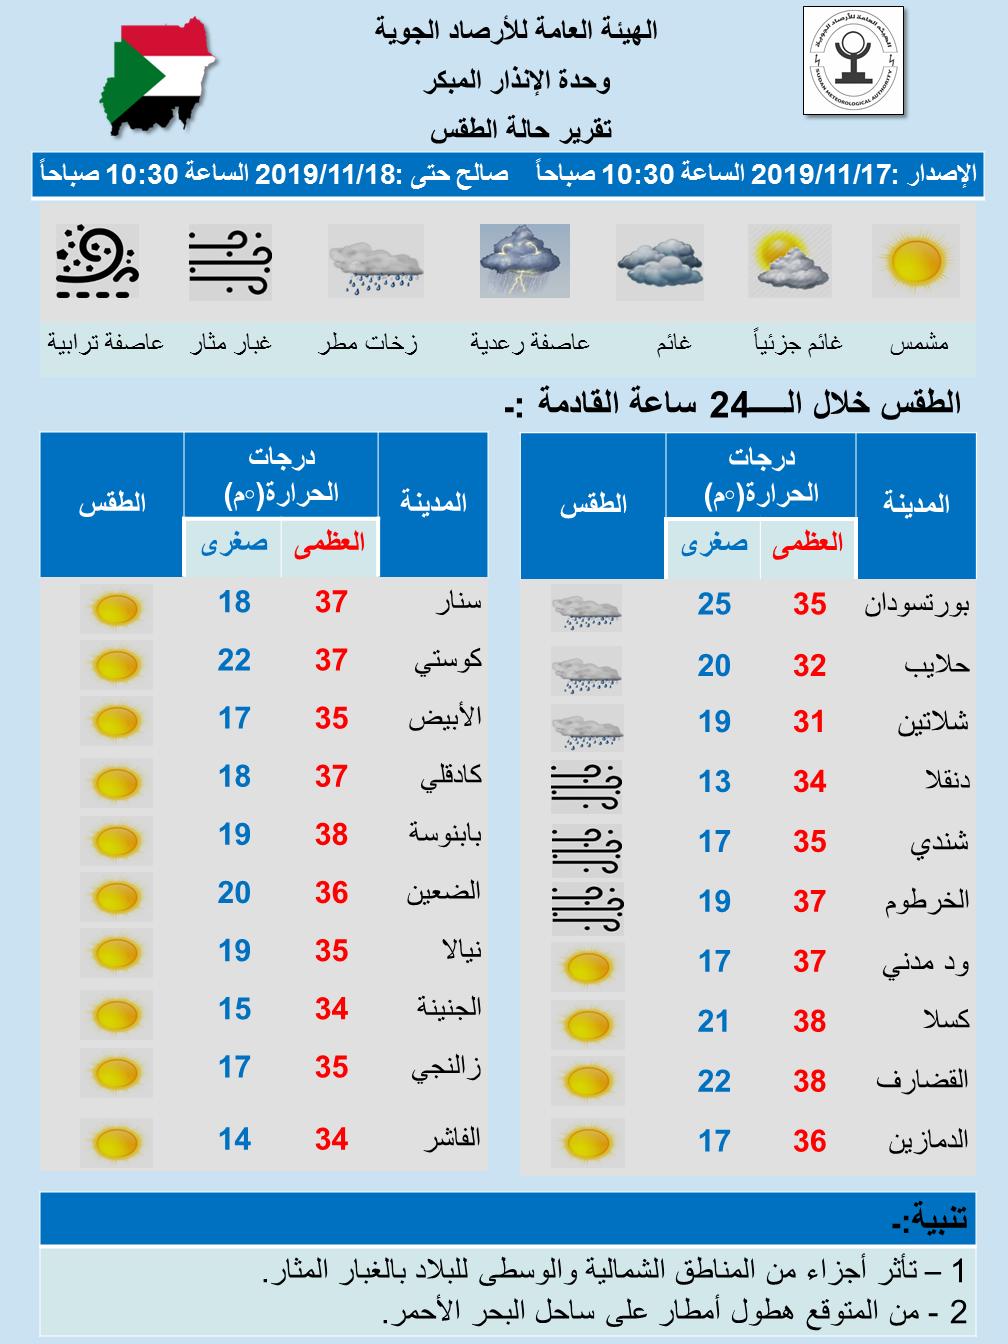 التوقع اليومي لحالة الطقس في السودان